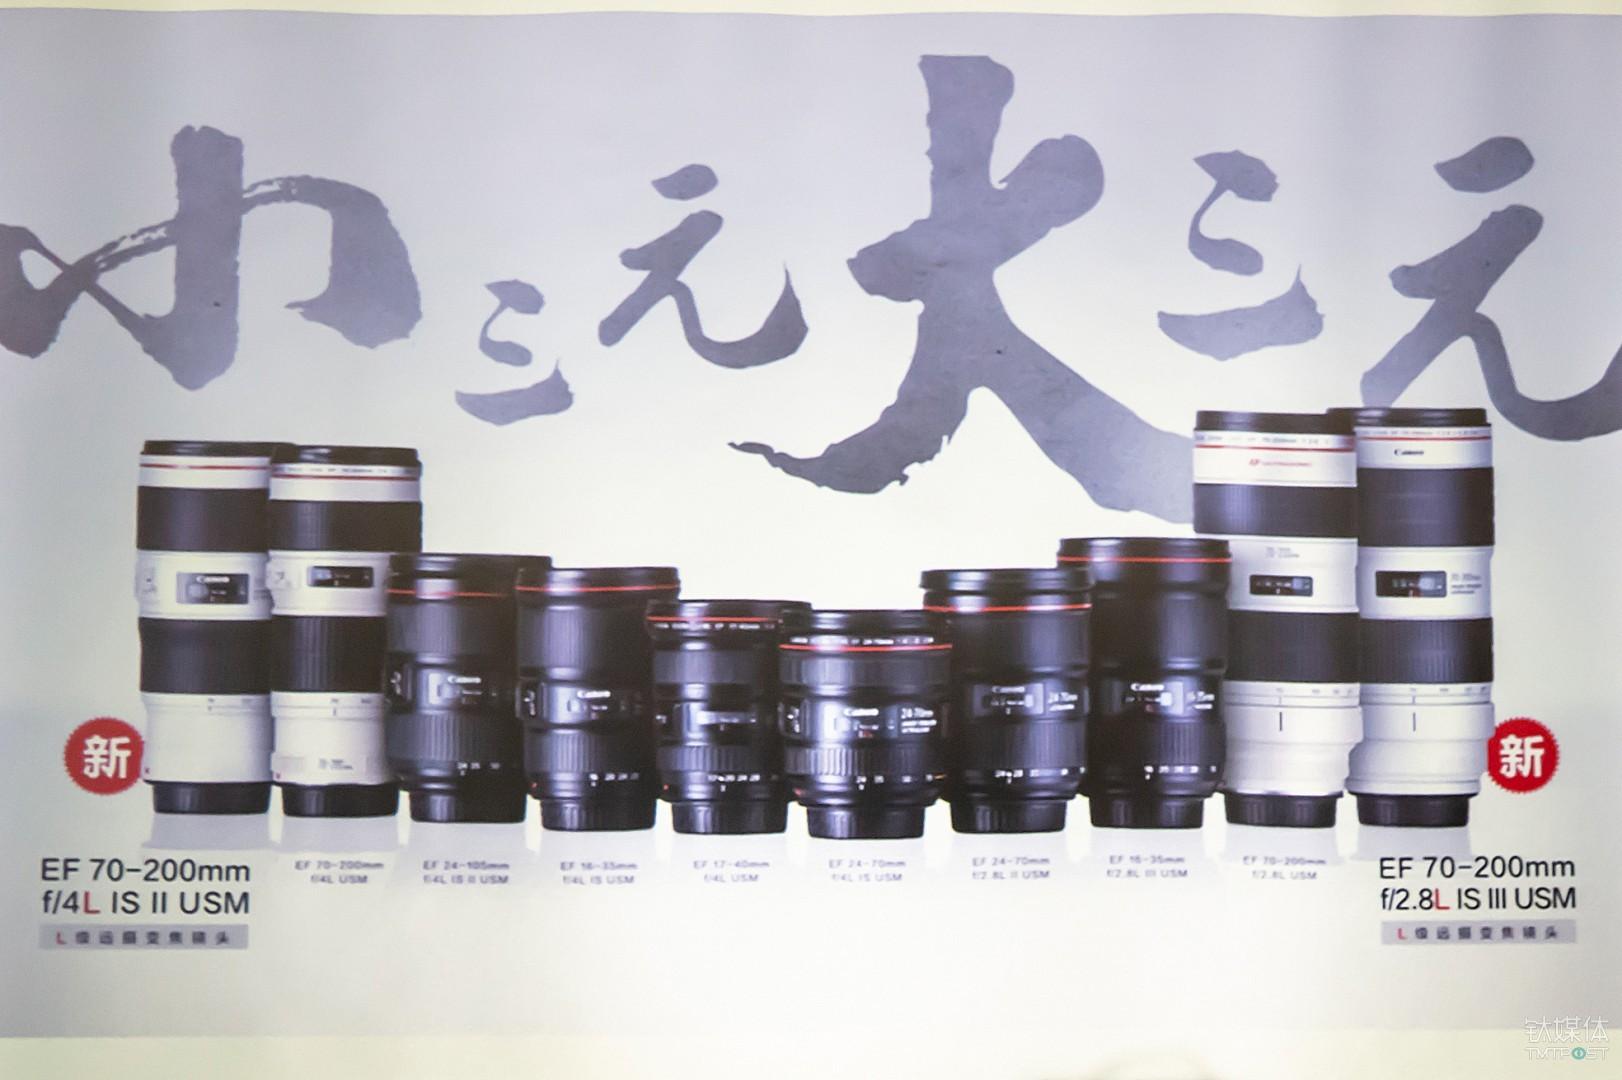 佳能此前发布的两款全新70-200mm镜头